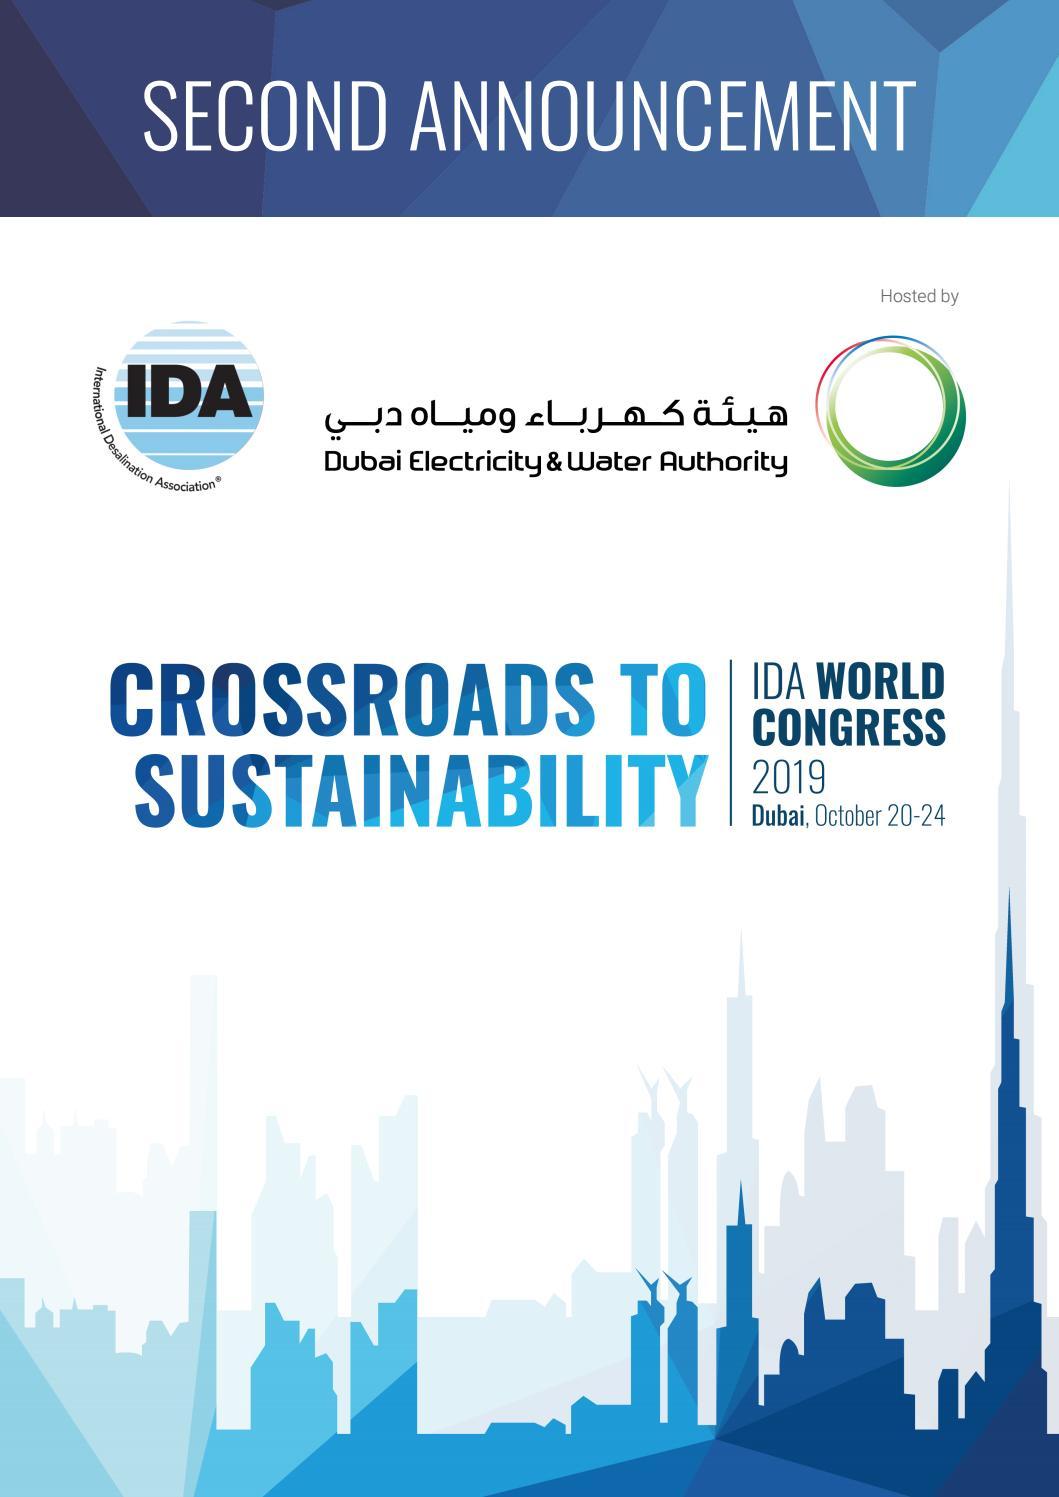 Ida 2019 World Congress Second Announcement By International